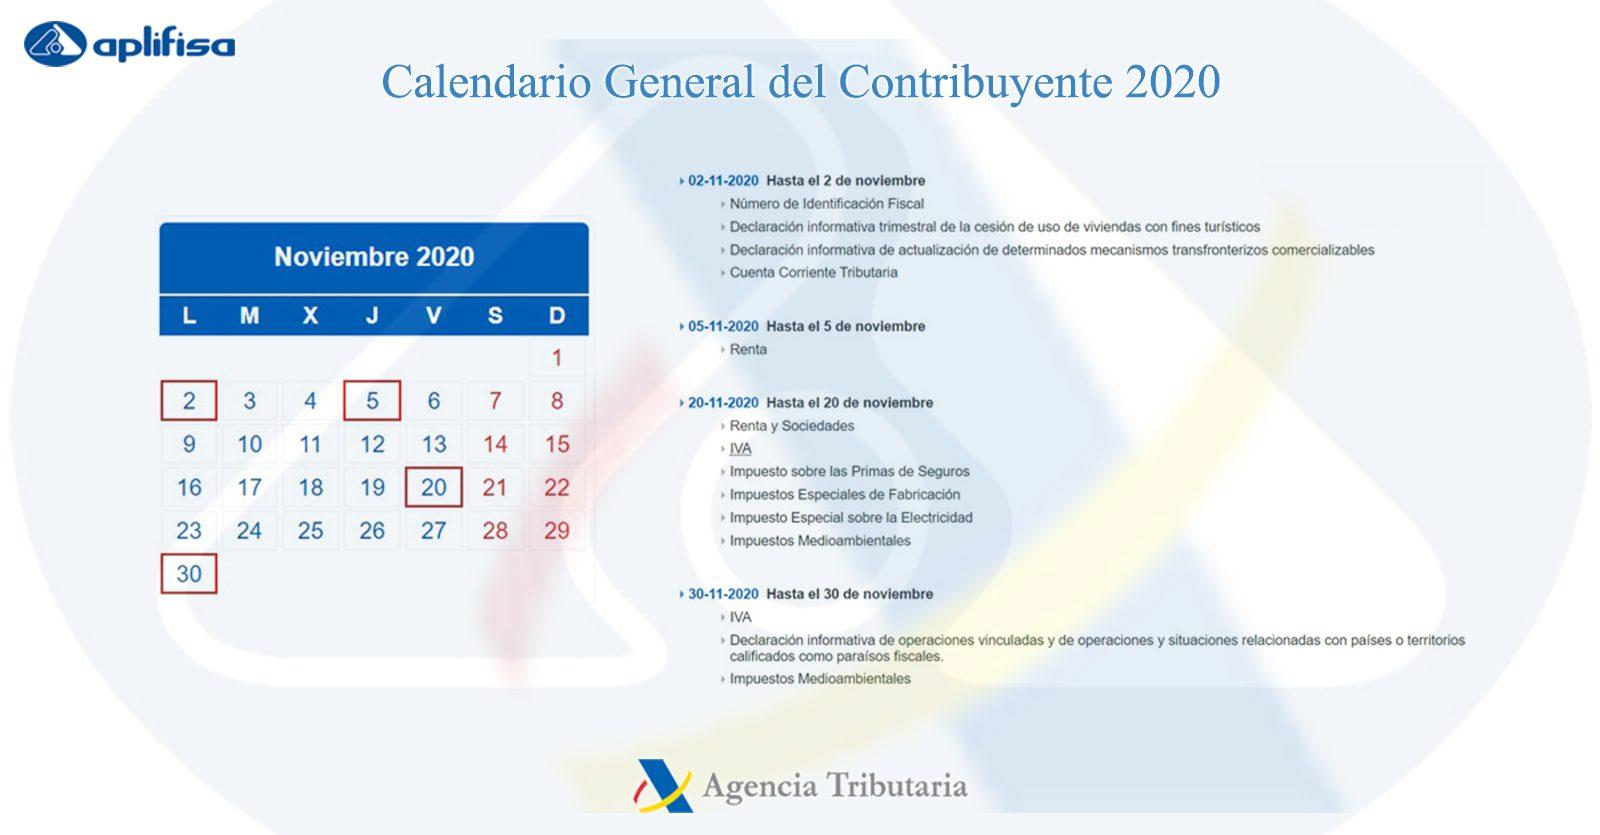 Calendario del Contribuyente de noviembre 2020